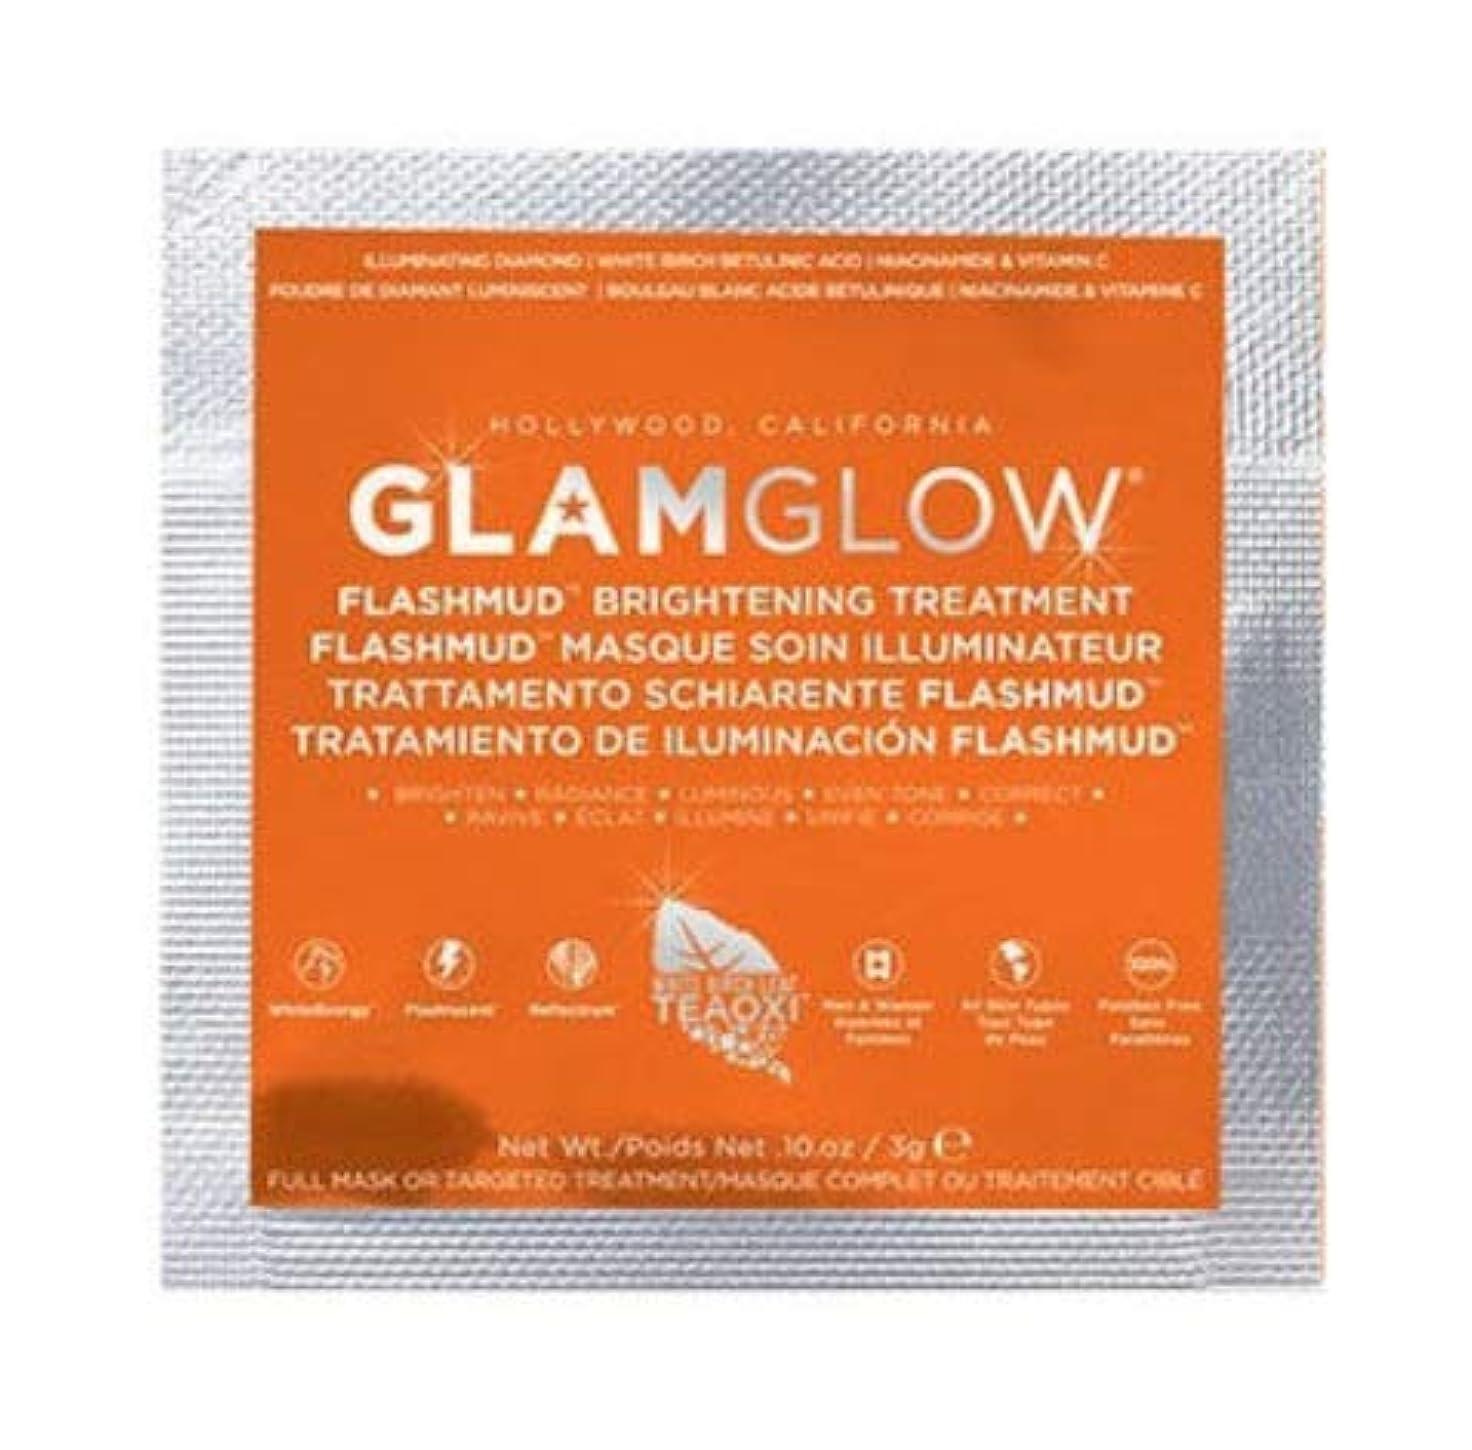 リスト料理模索【サンプルサイズ】グラムグロウ (GLAMGLOW) FLASHMUD 3g (1回分) [並行輸入品]